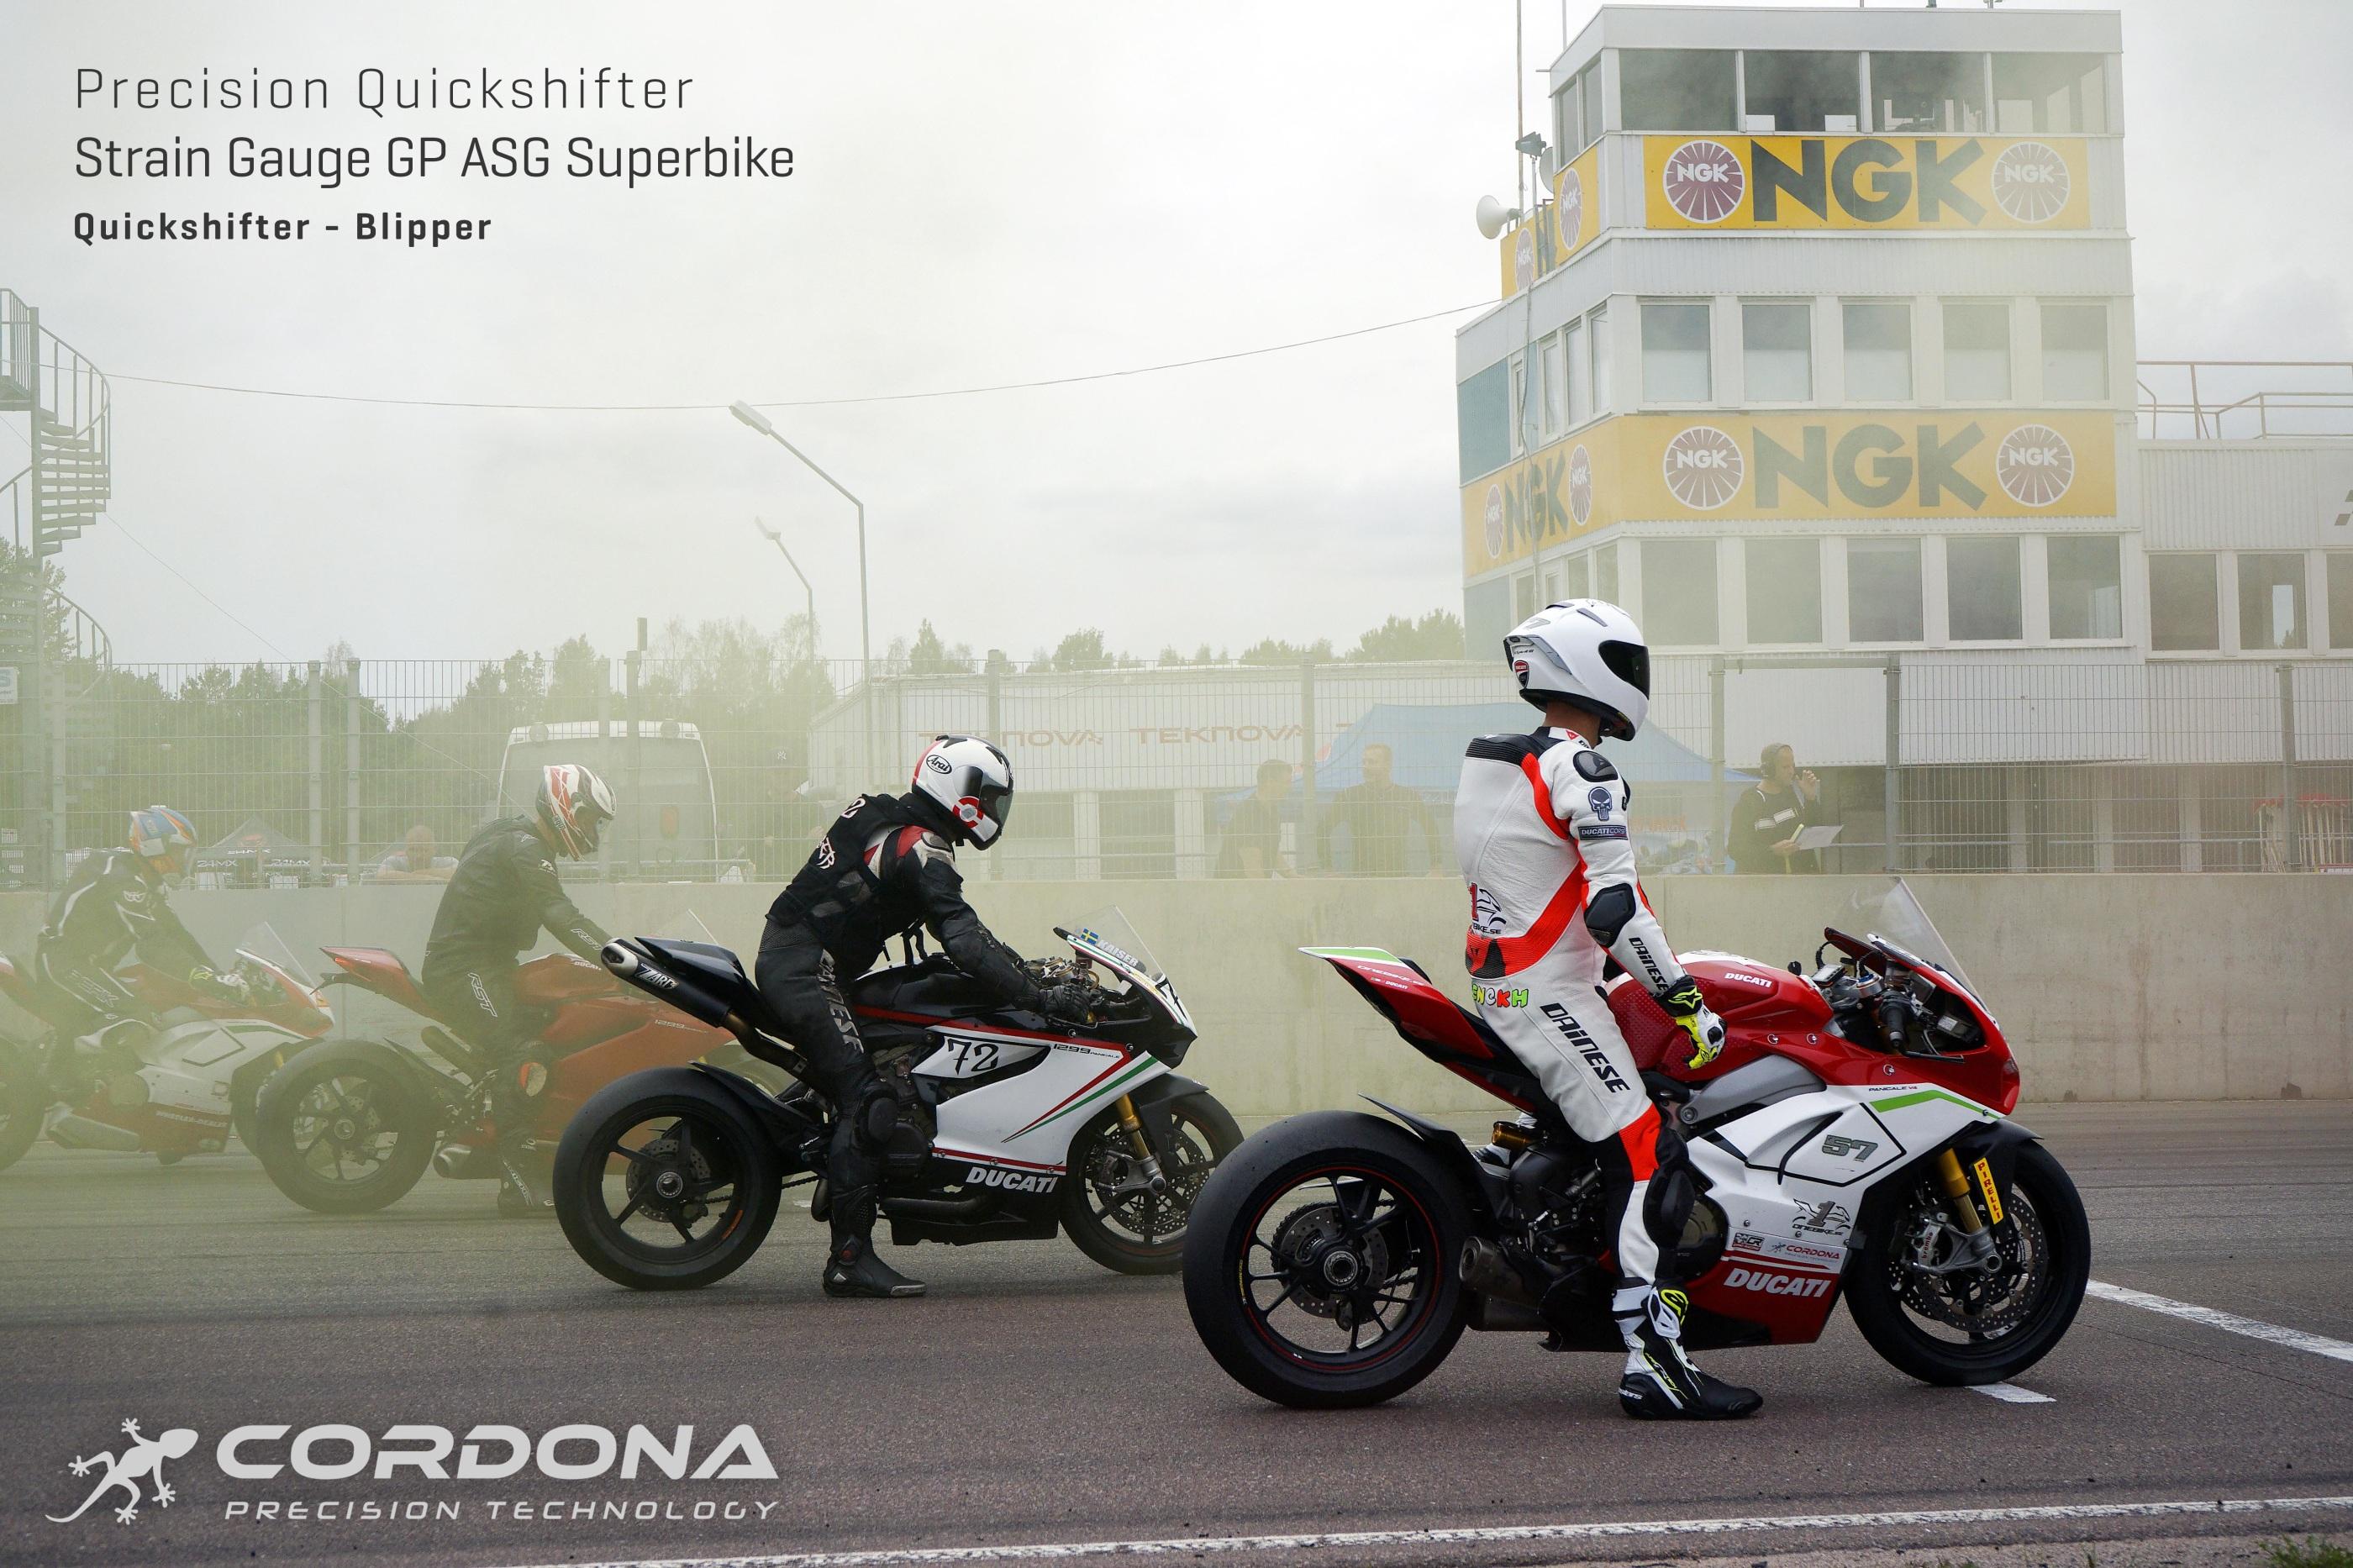 Ducati V4 Speciale Tony Schrenckh